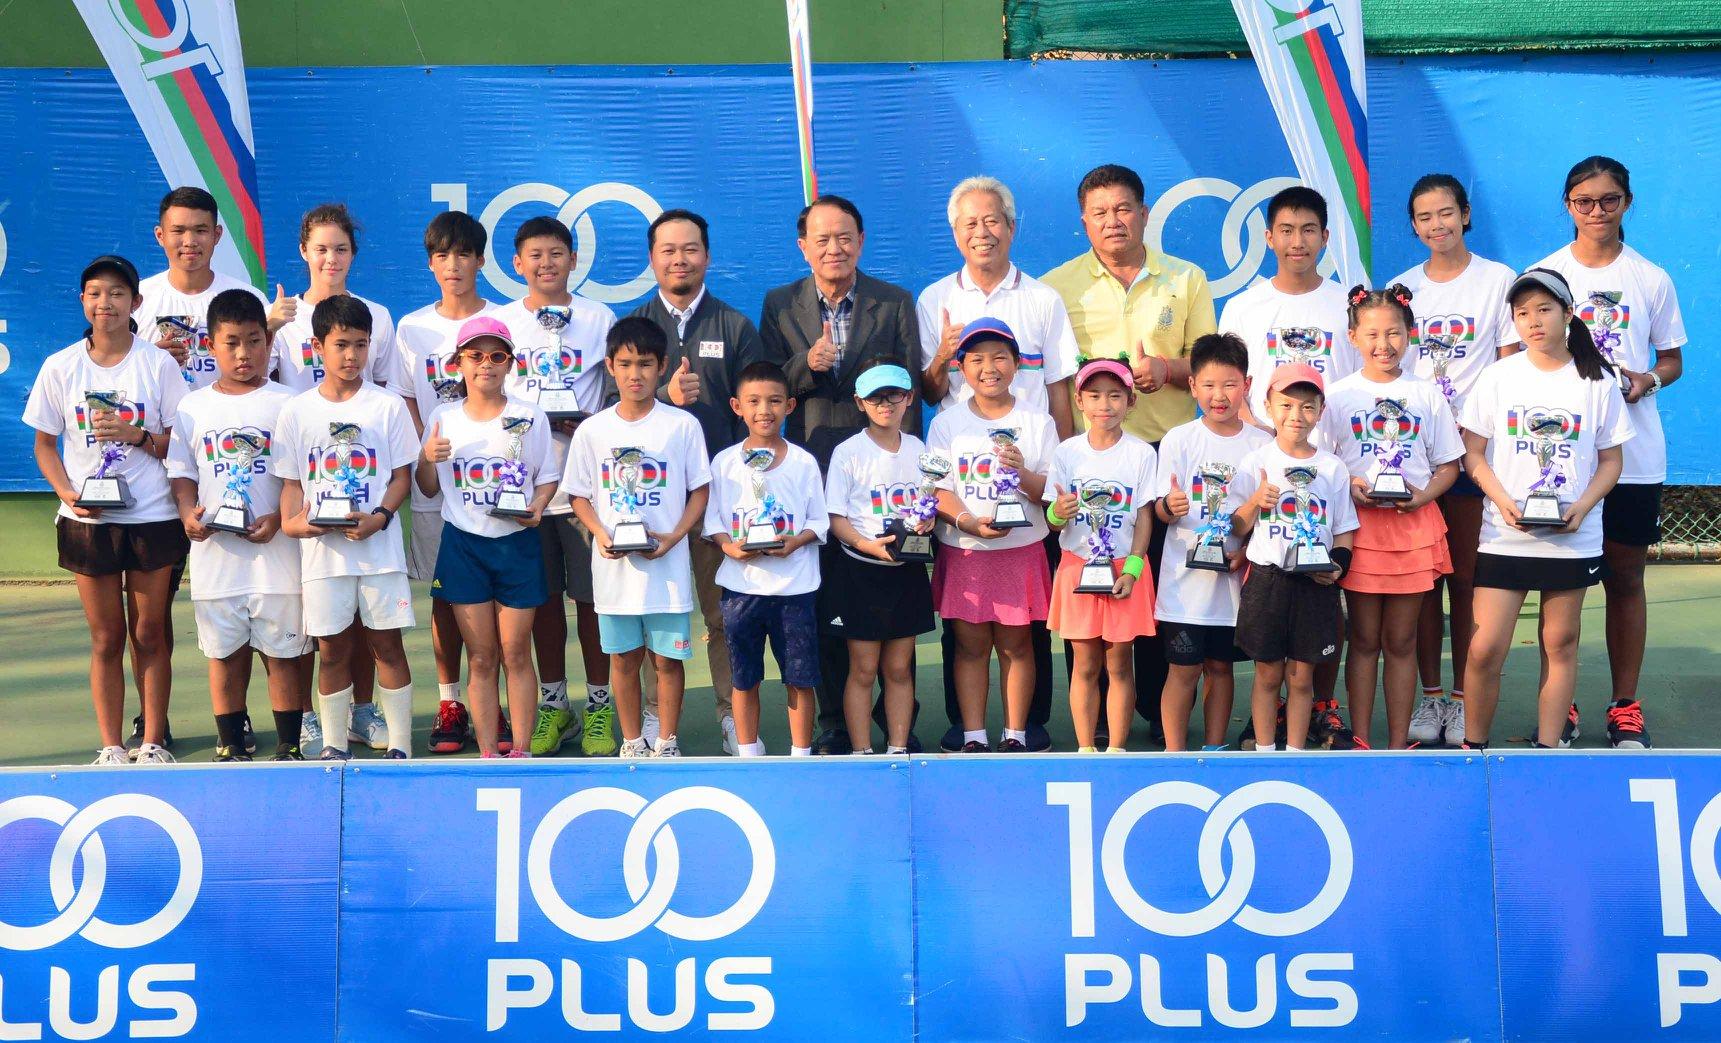 ต้นกล้า แห่งวงการเทนนิสไทย คนเก่งในสนามแข่งขัน เมืององค์พระ